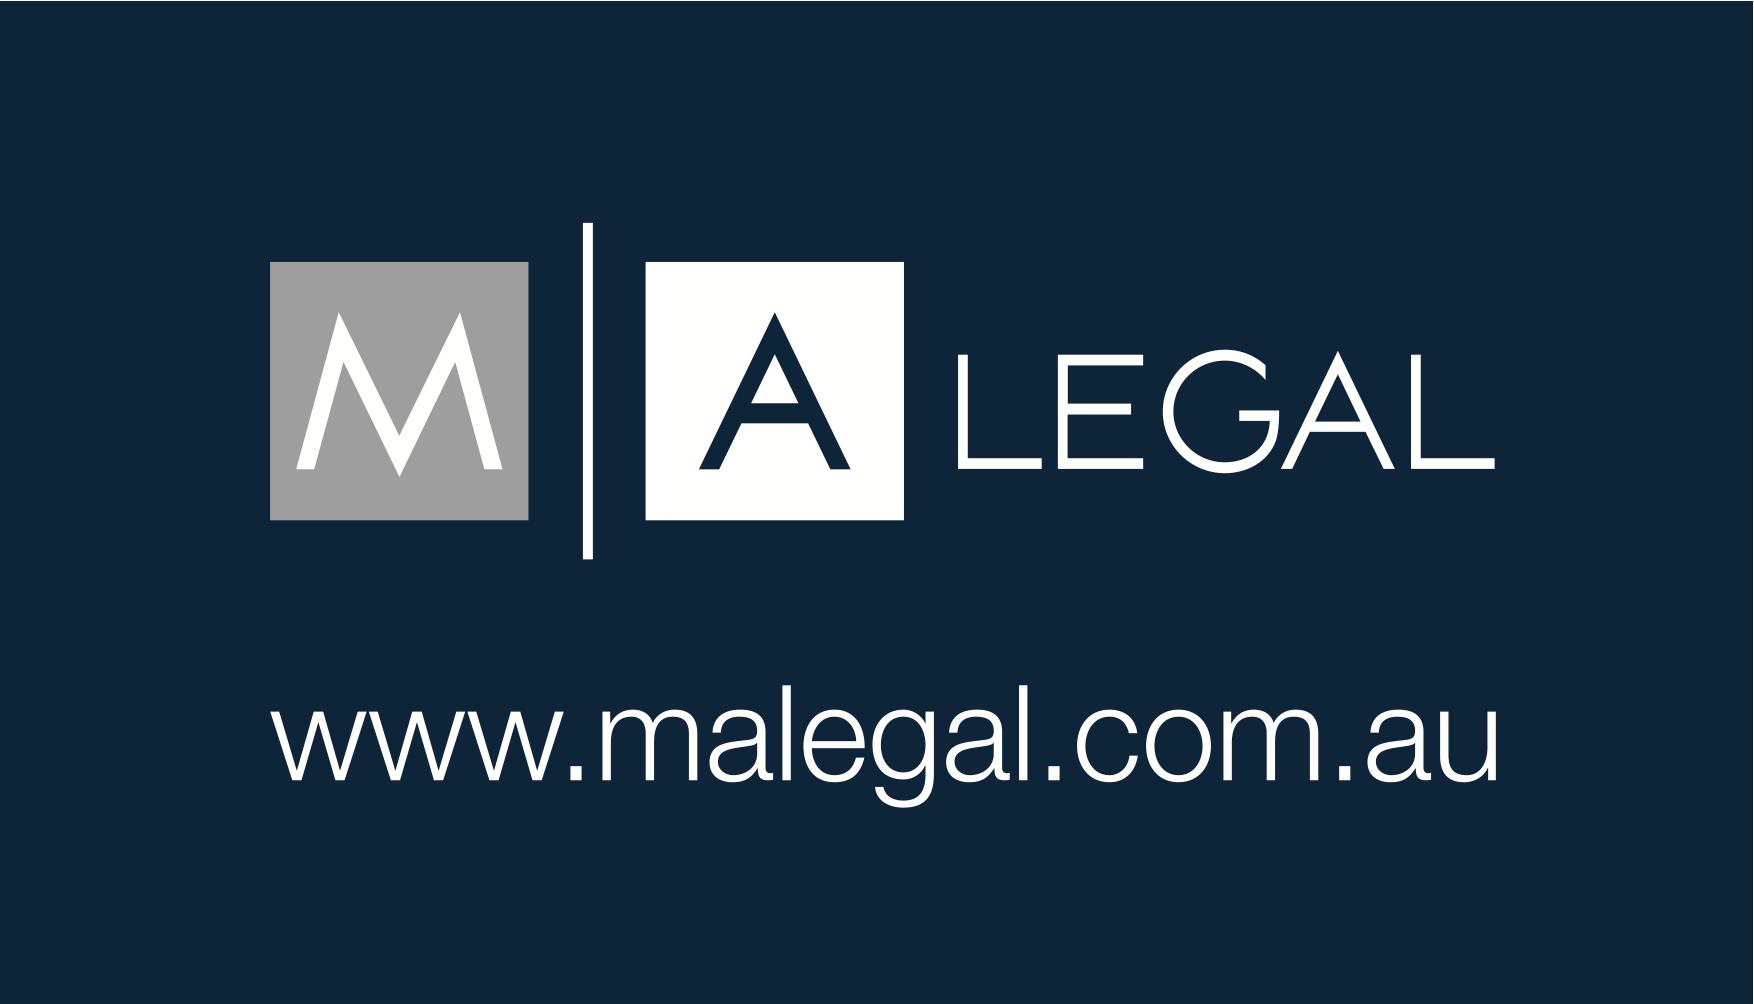 MA Legal